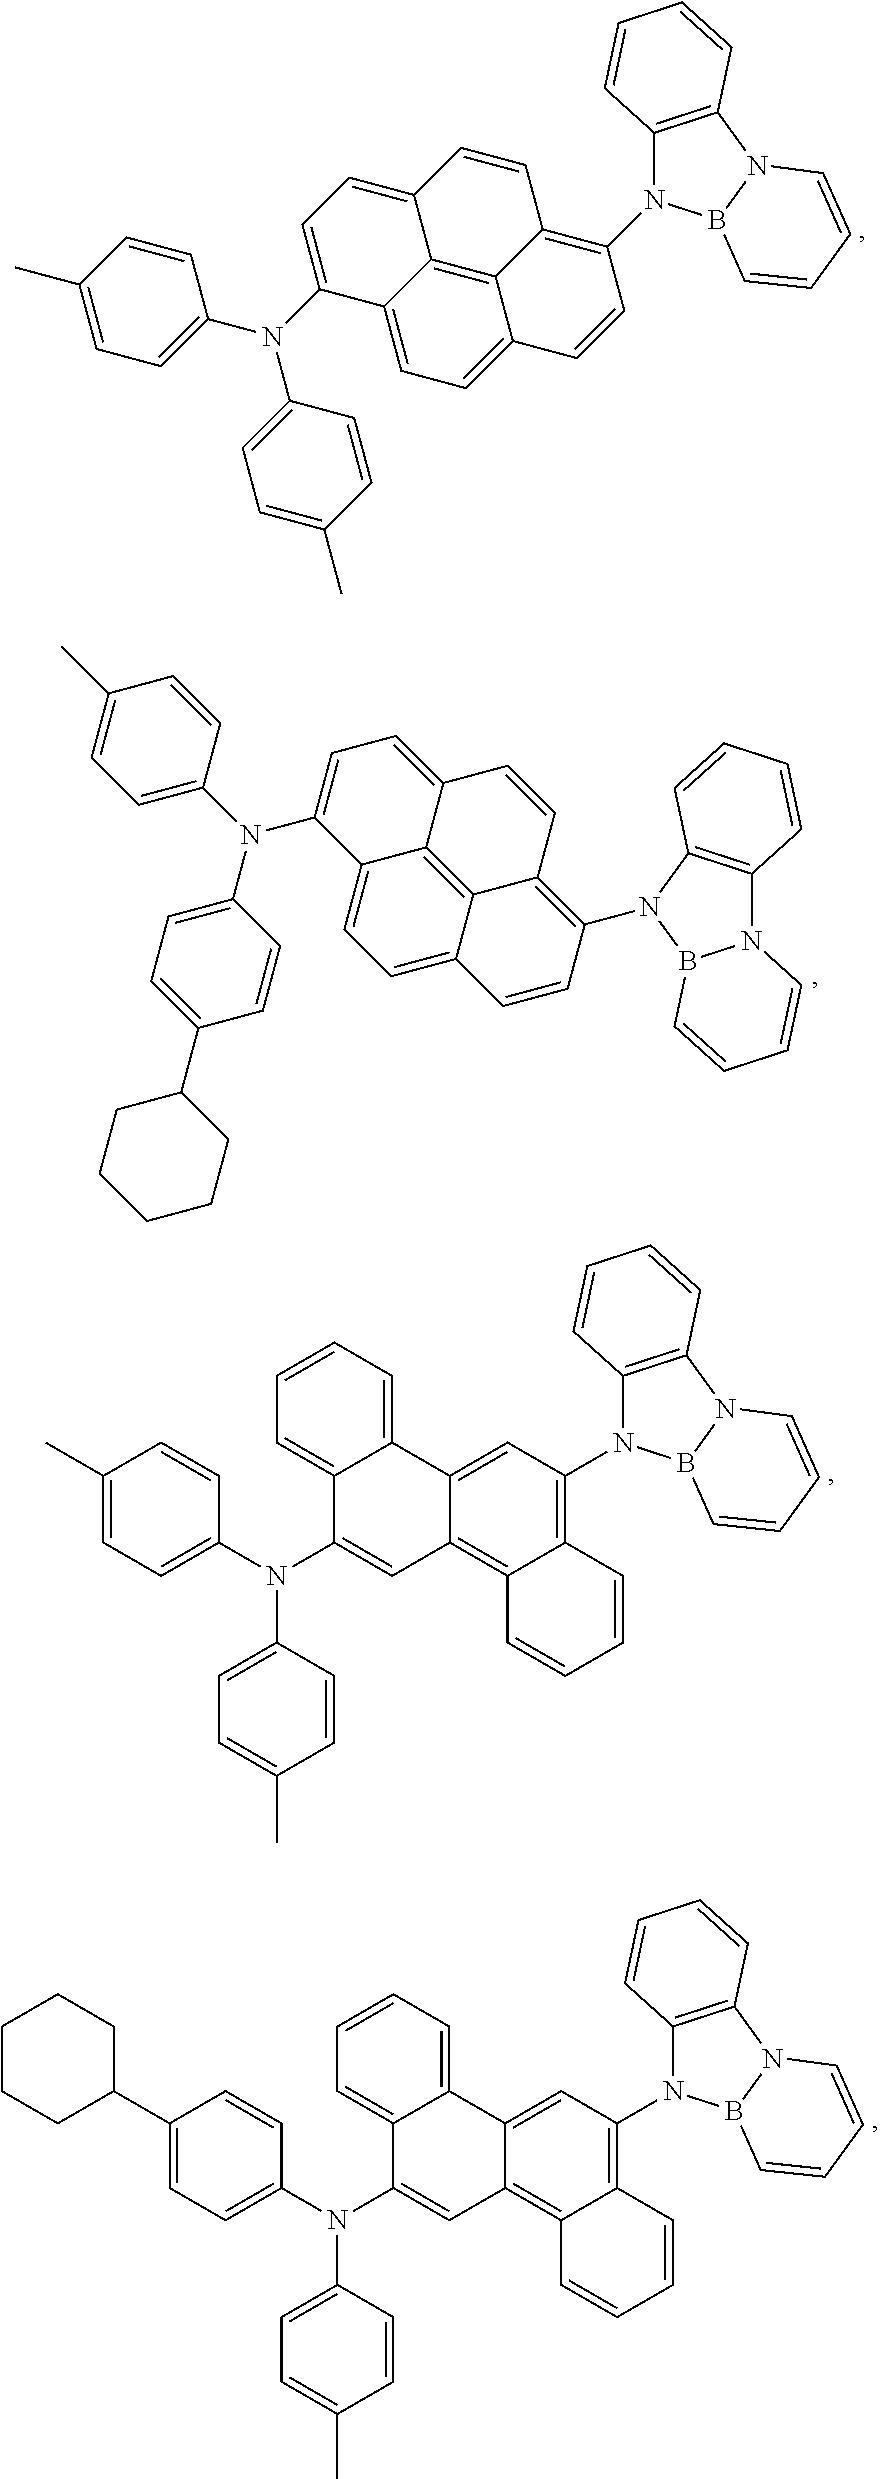 Figure US09287513-20160315-C00051